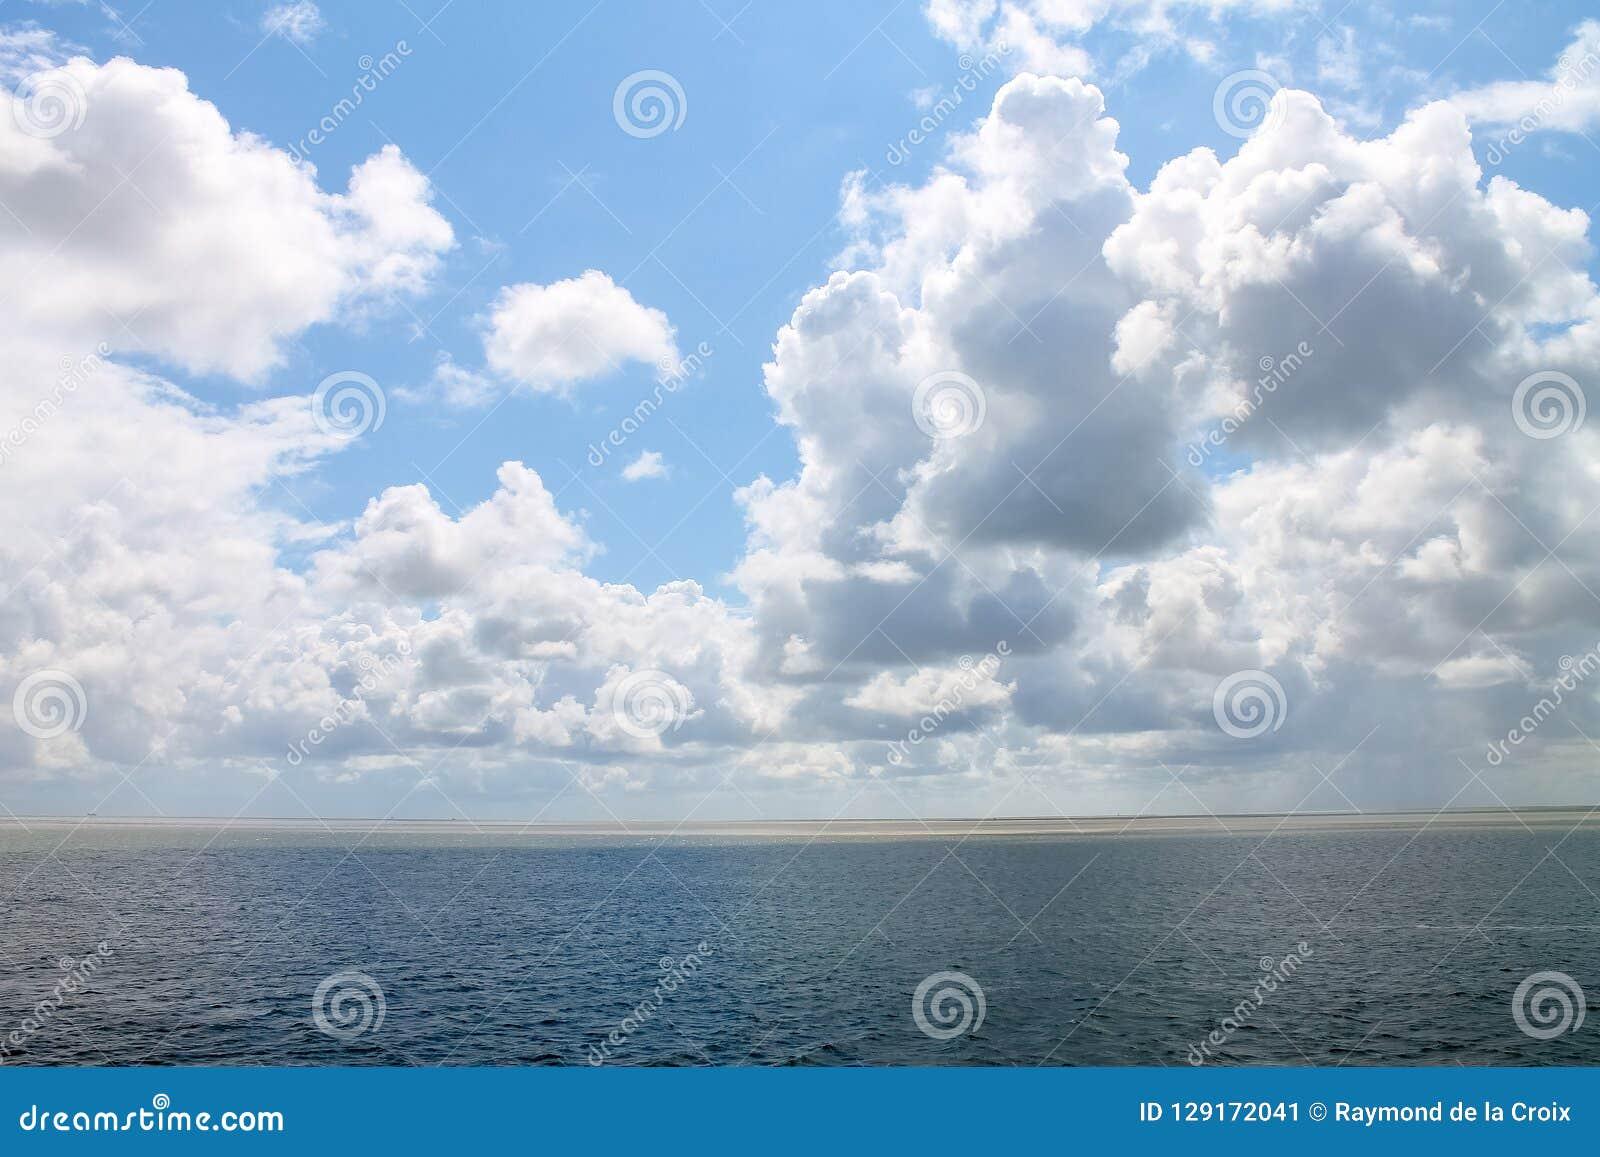 Wolken, die über dem Meer hängen